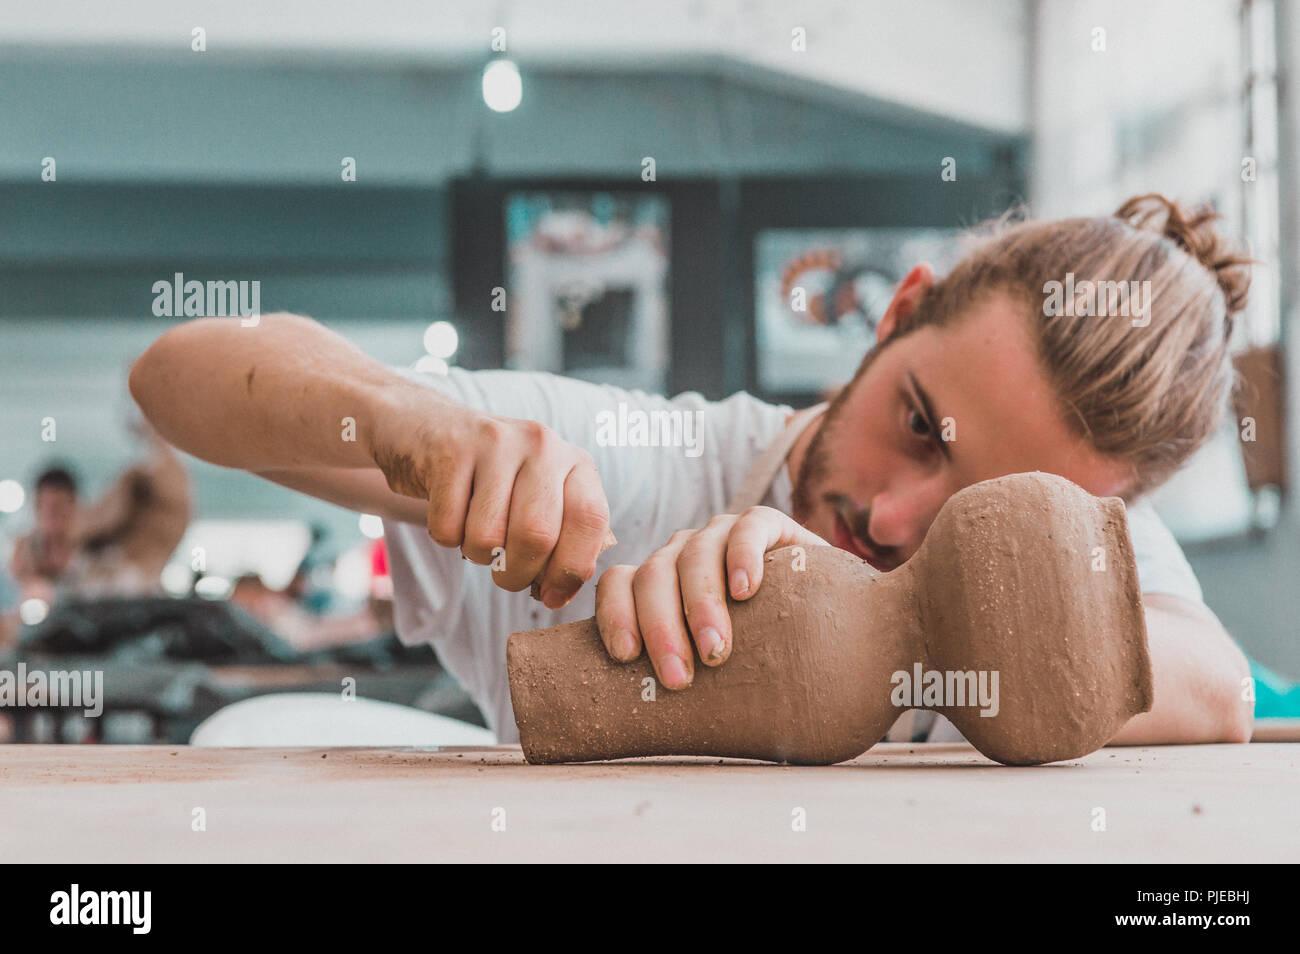 Cerámica joven artista trabajando en su olla de barro en un atelier Imagen De Stock